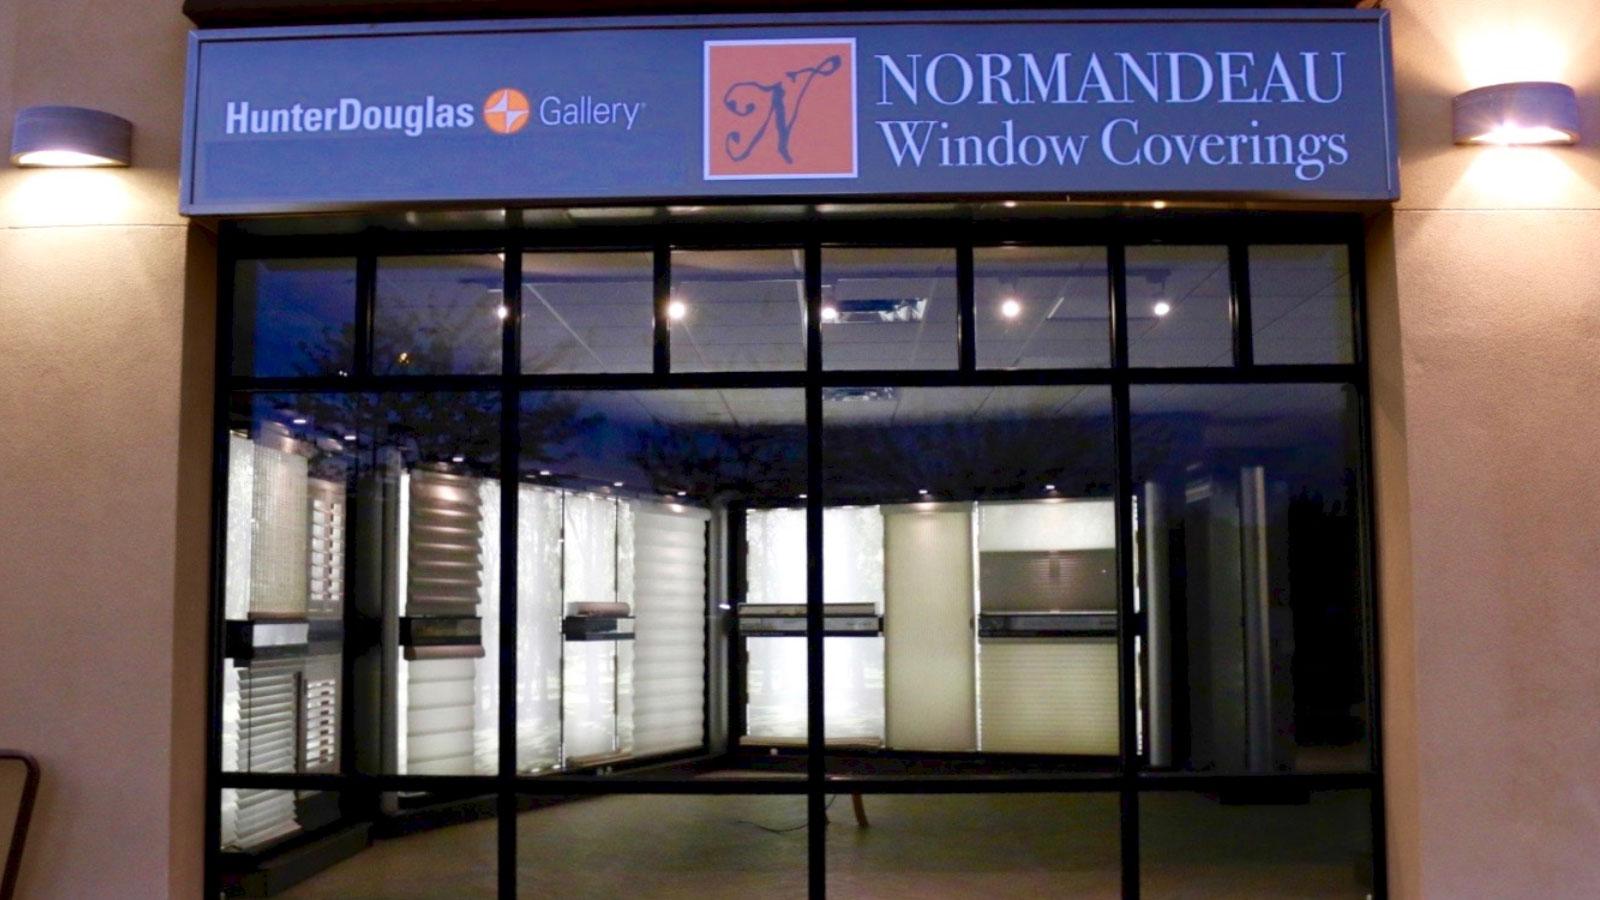 Normandeau Window Coverings Kelowna Gallery